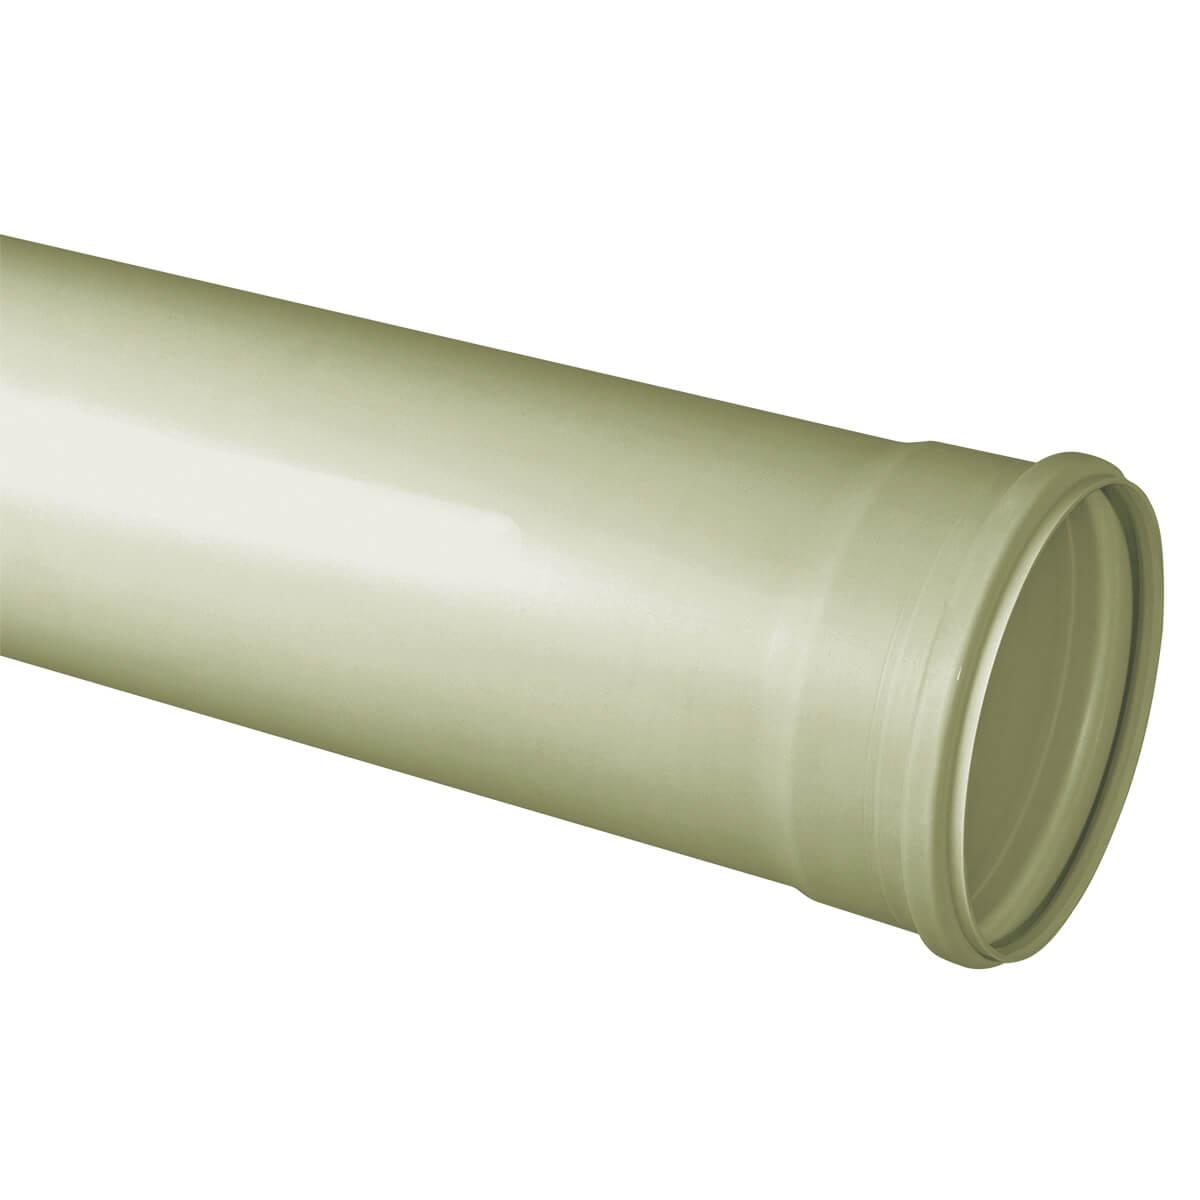 Tubo PVC 100mm Esgoto 6 Metros